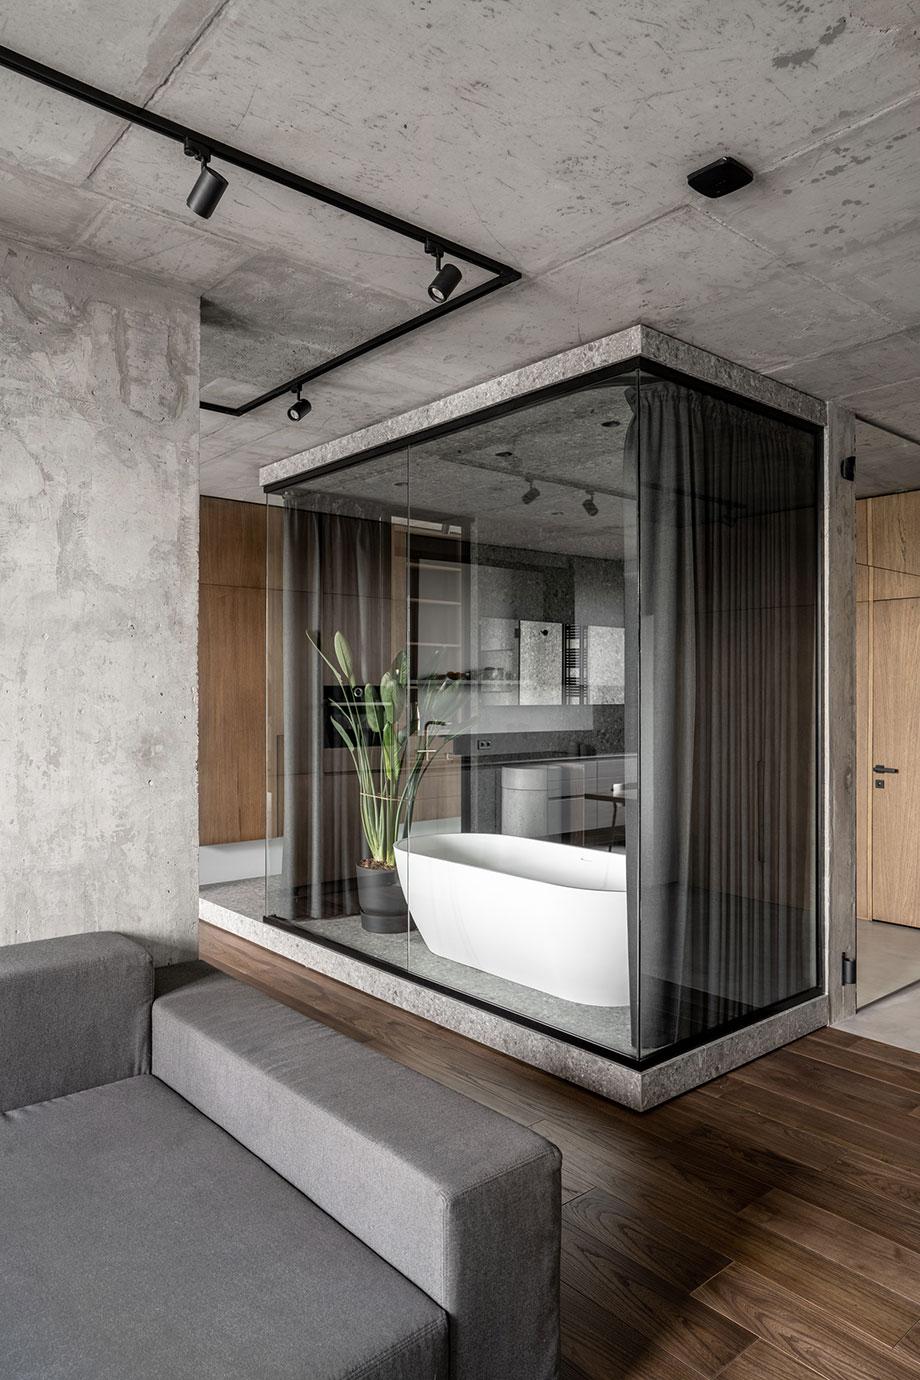 apartamento en kiev de fild (12) - foto andrey bezuglov